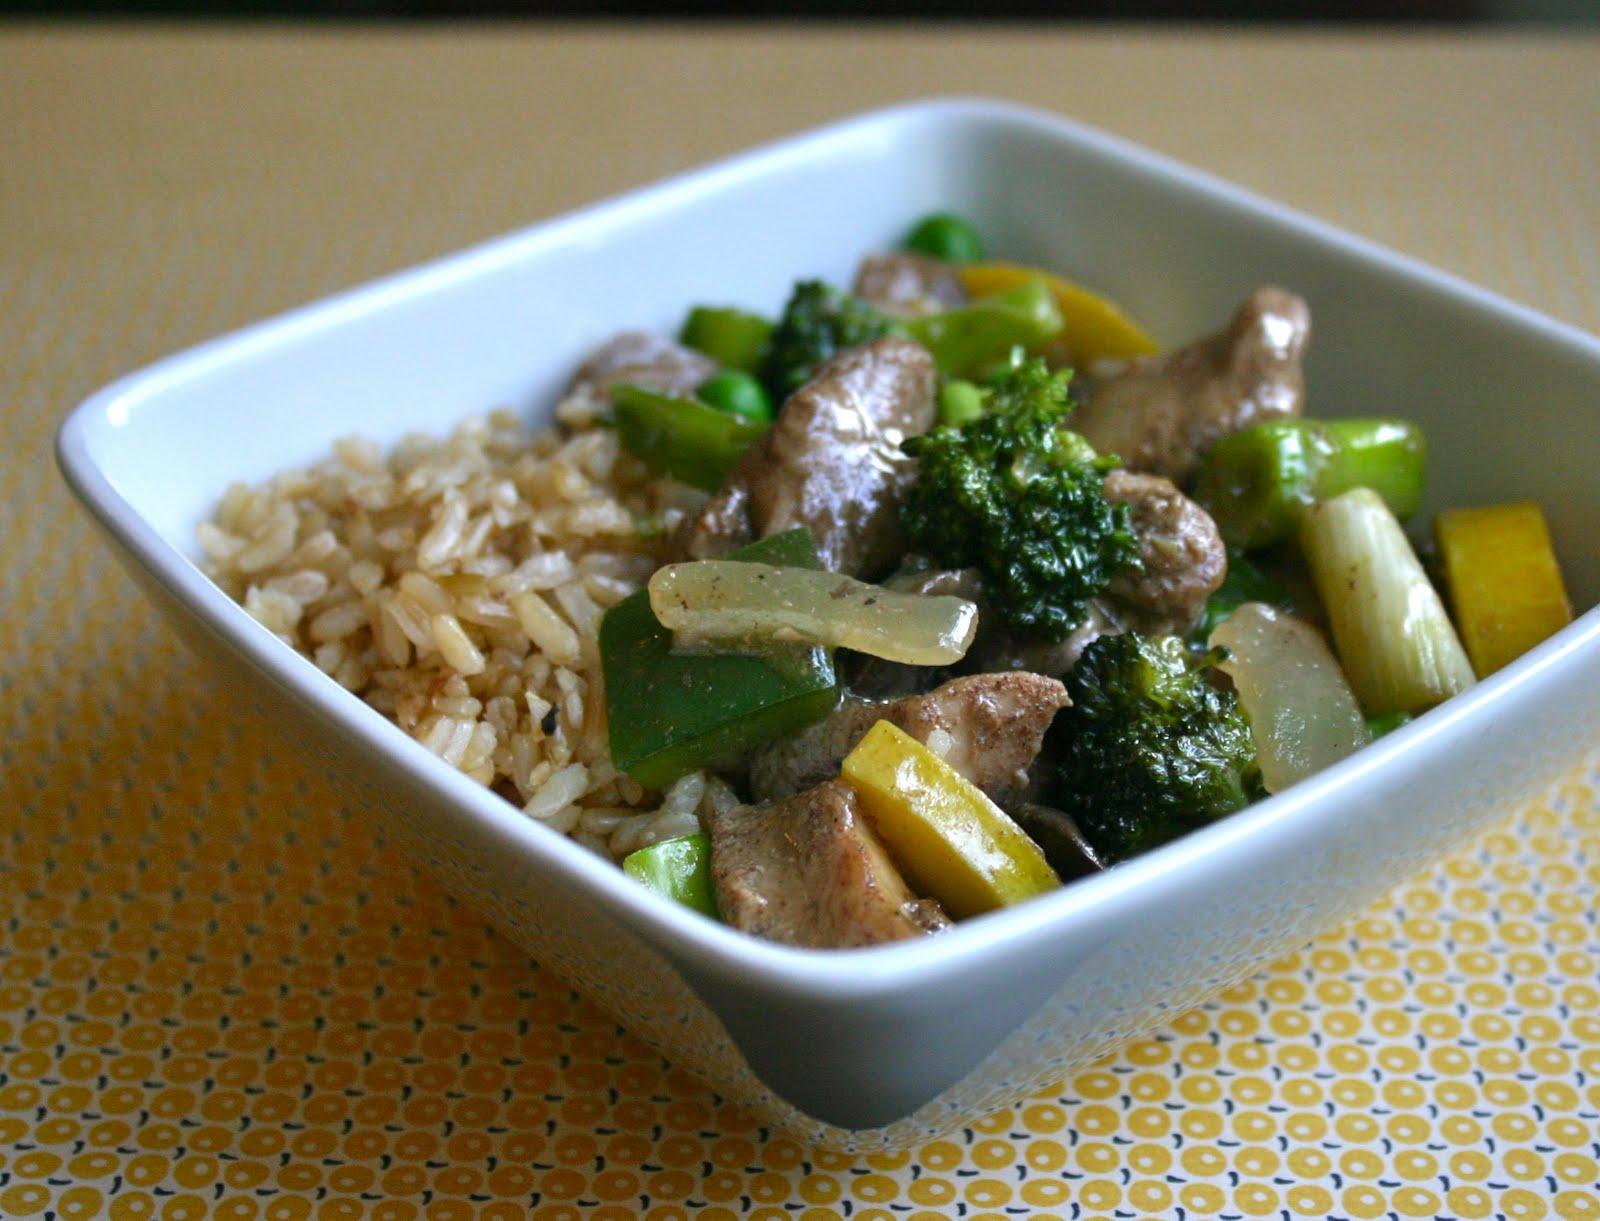 My Retro Kitchen: Chicken and Summer Vegetable Stir-Fry